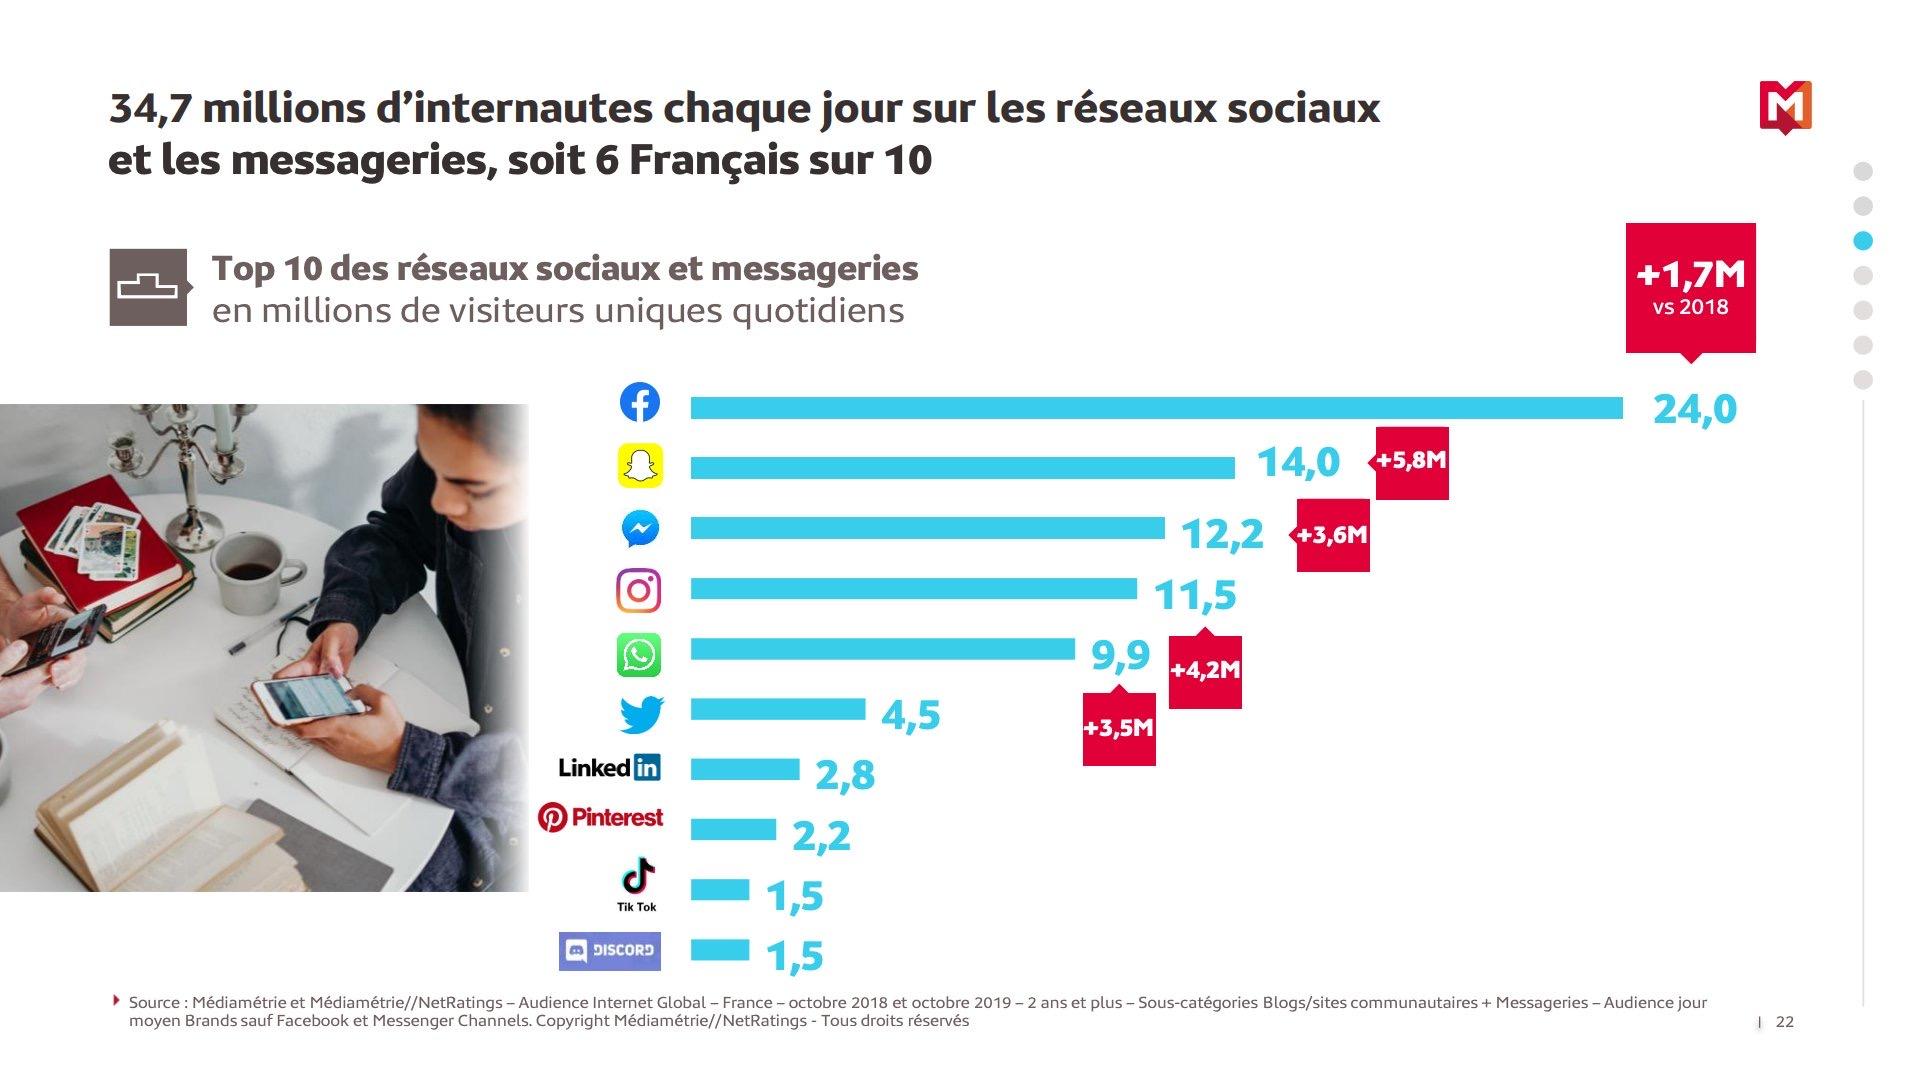 AUDIENCE reseaux sociaux france 2020